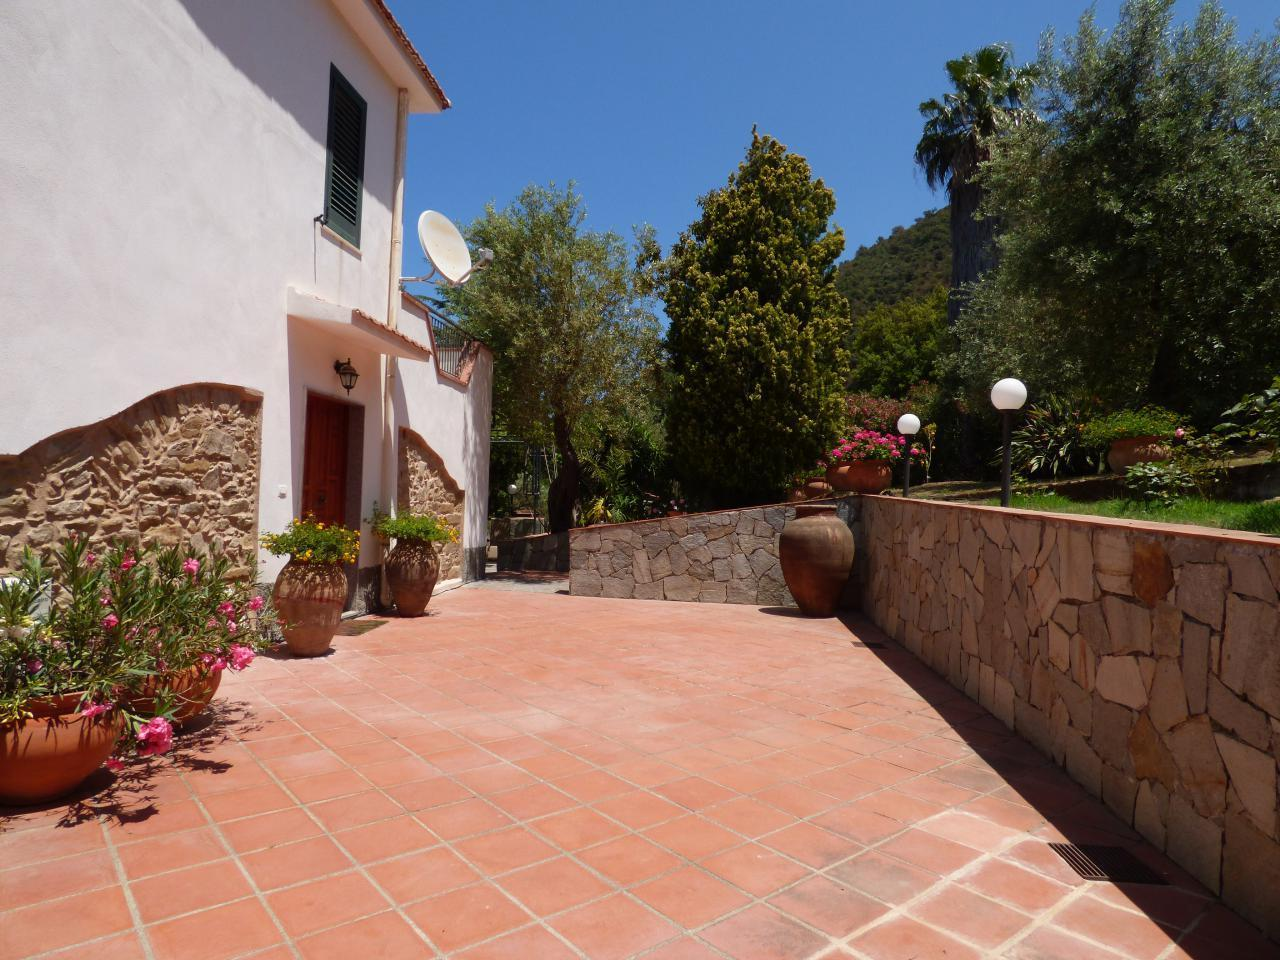 Ferienhaus Villa Maria ein schönes Landhaus in einer ruhigen und sonnige lage mit Blick auf den Eolie (482652), Patti, Messina, Sizilien, Italien, Bild 3